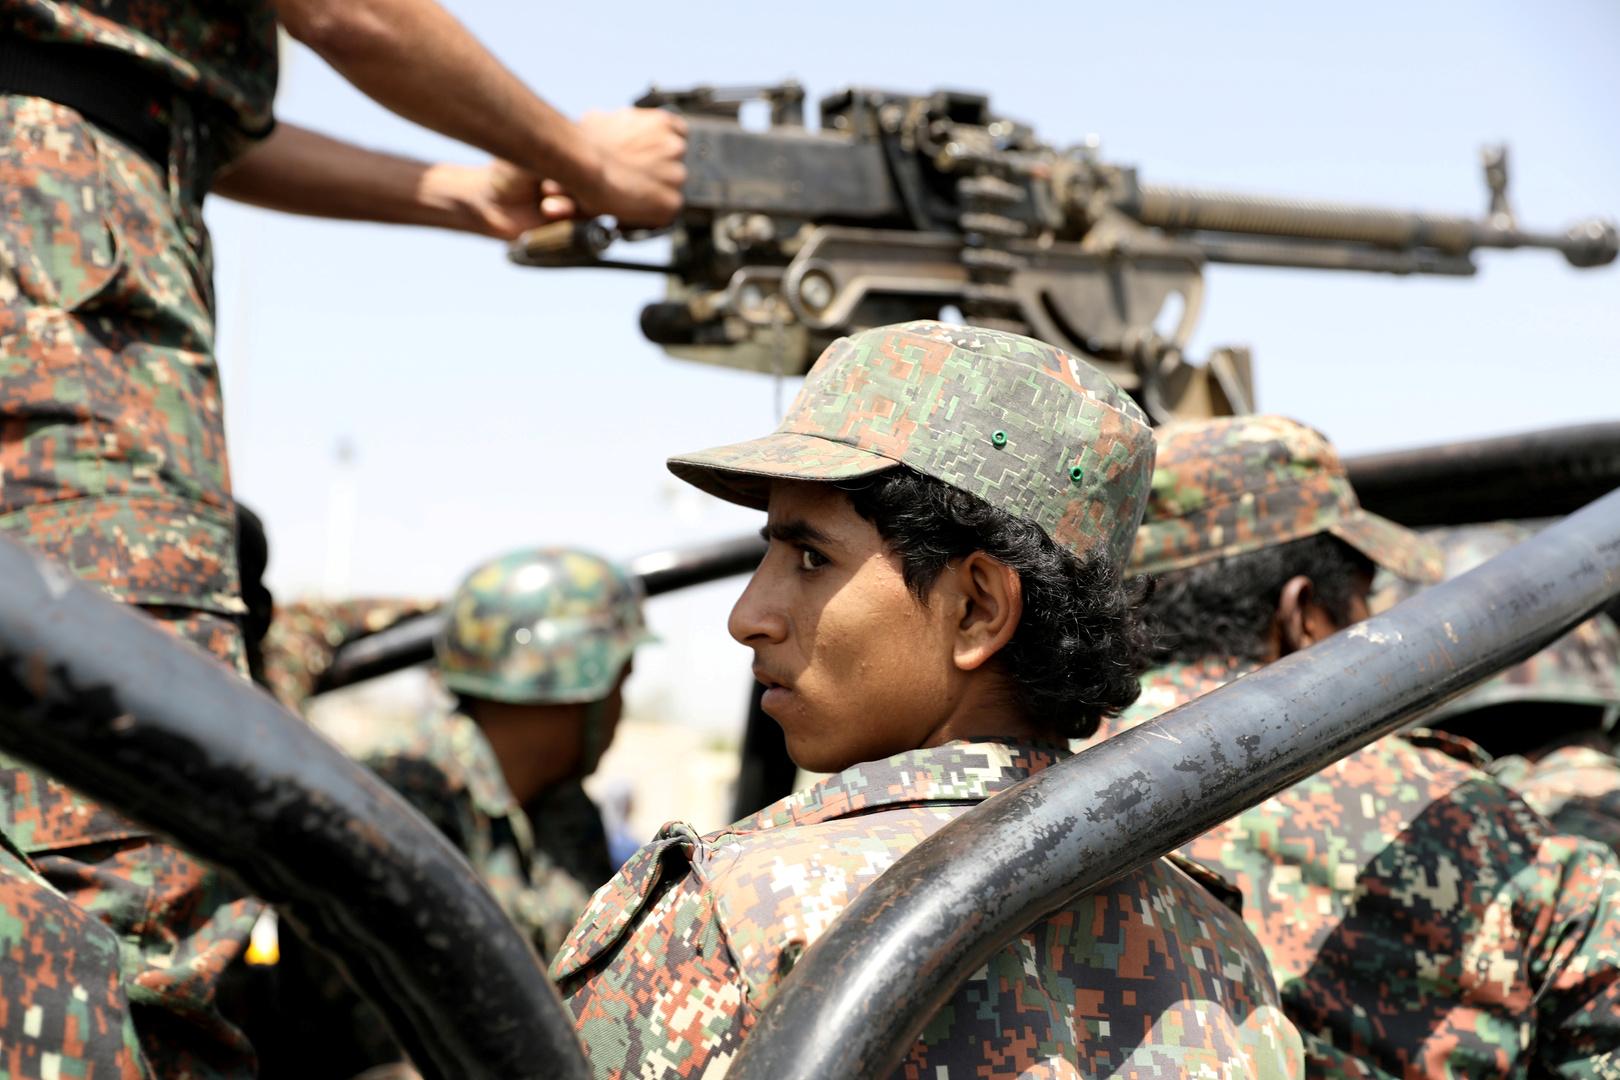 الحوثيون يعلنون عن ثاني هجوم خلال ساعات على قاعدة الملك خالد الجوية في السعودية